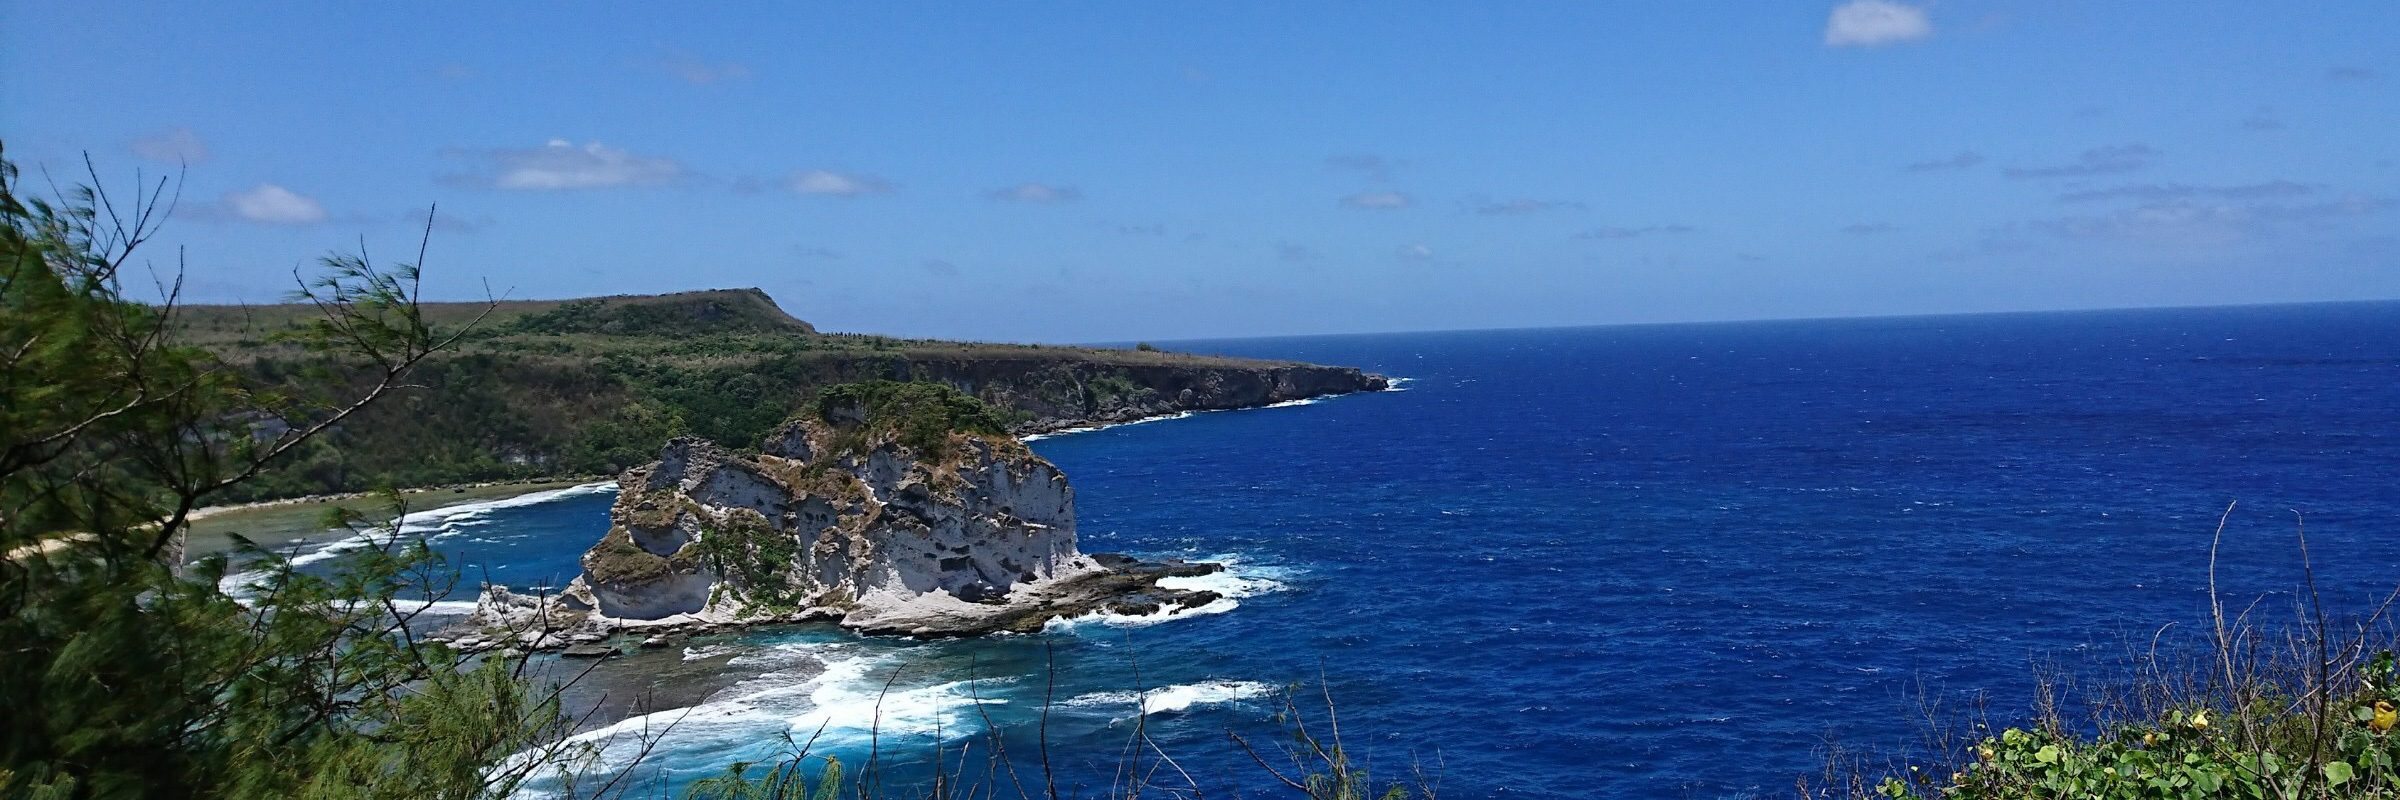 サイパンの観光地:バードアイランド(北マリアナ諸島)